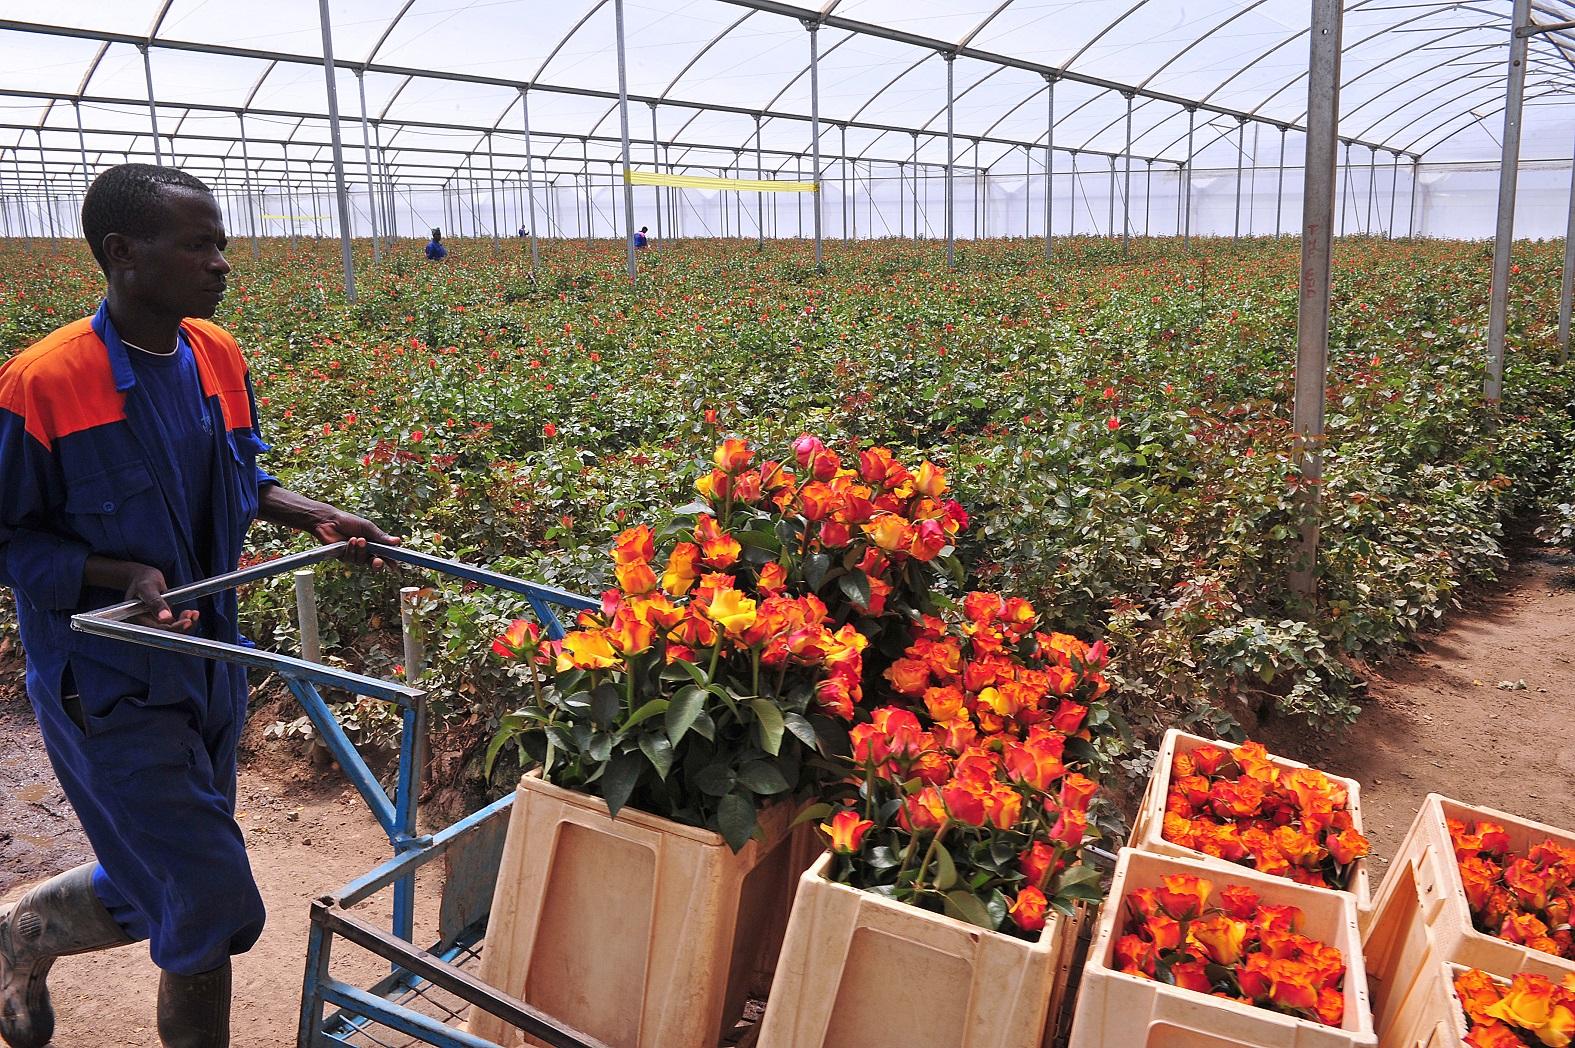 O Quênia é o segundo maior exportador de flores para o Reino Unido, com mais de 13 mil toneladas por ano. Foto Saimon Maina/AFP